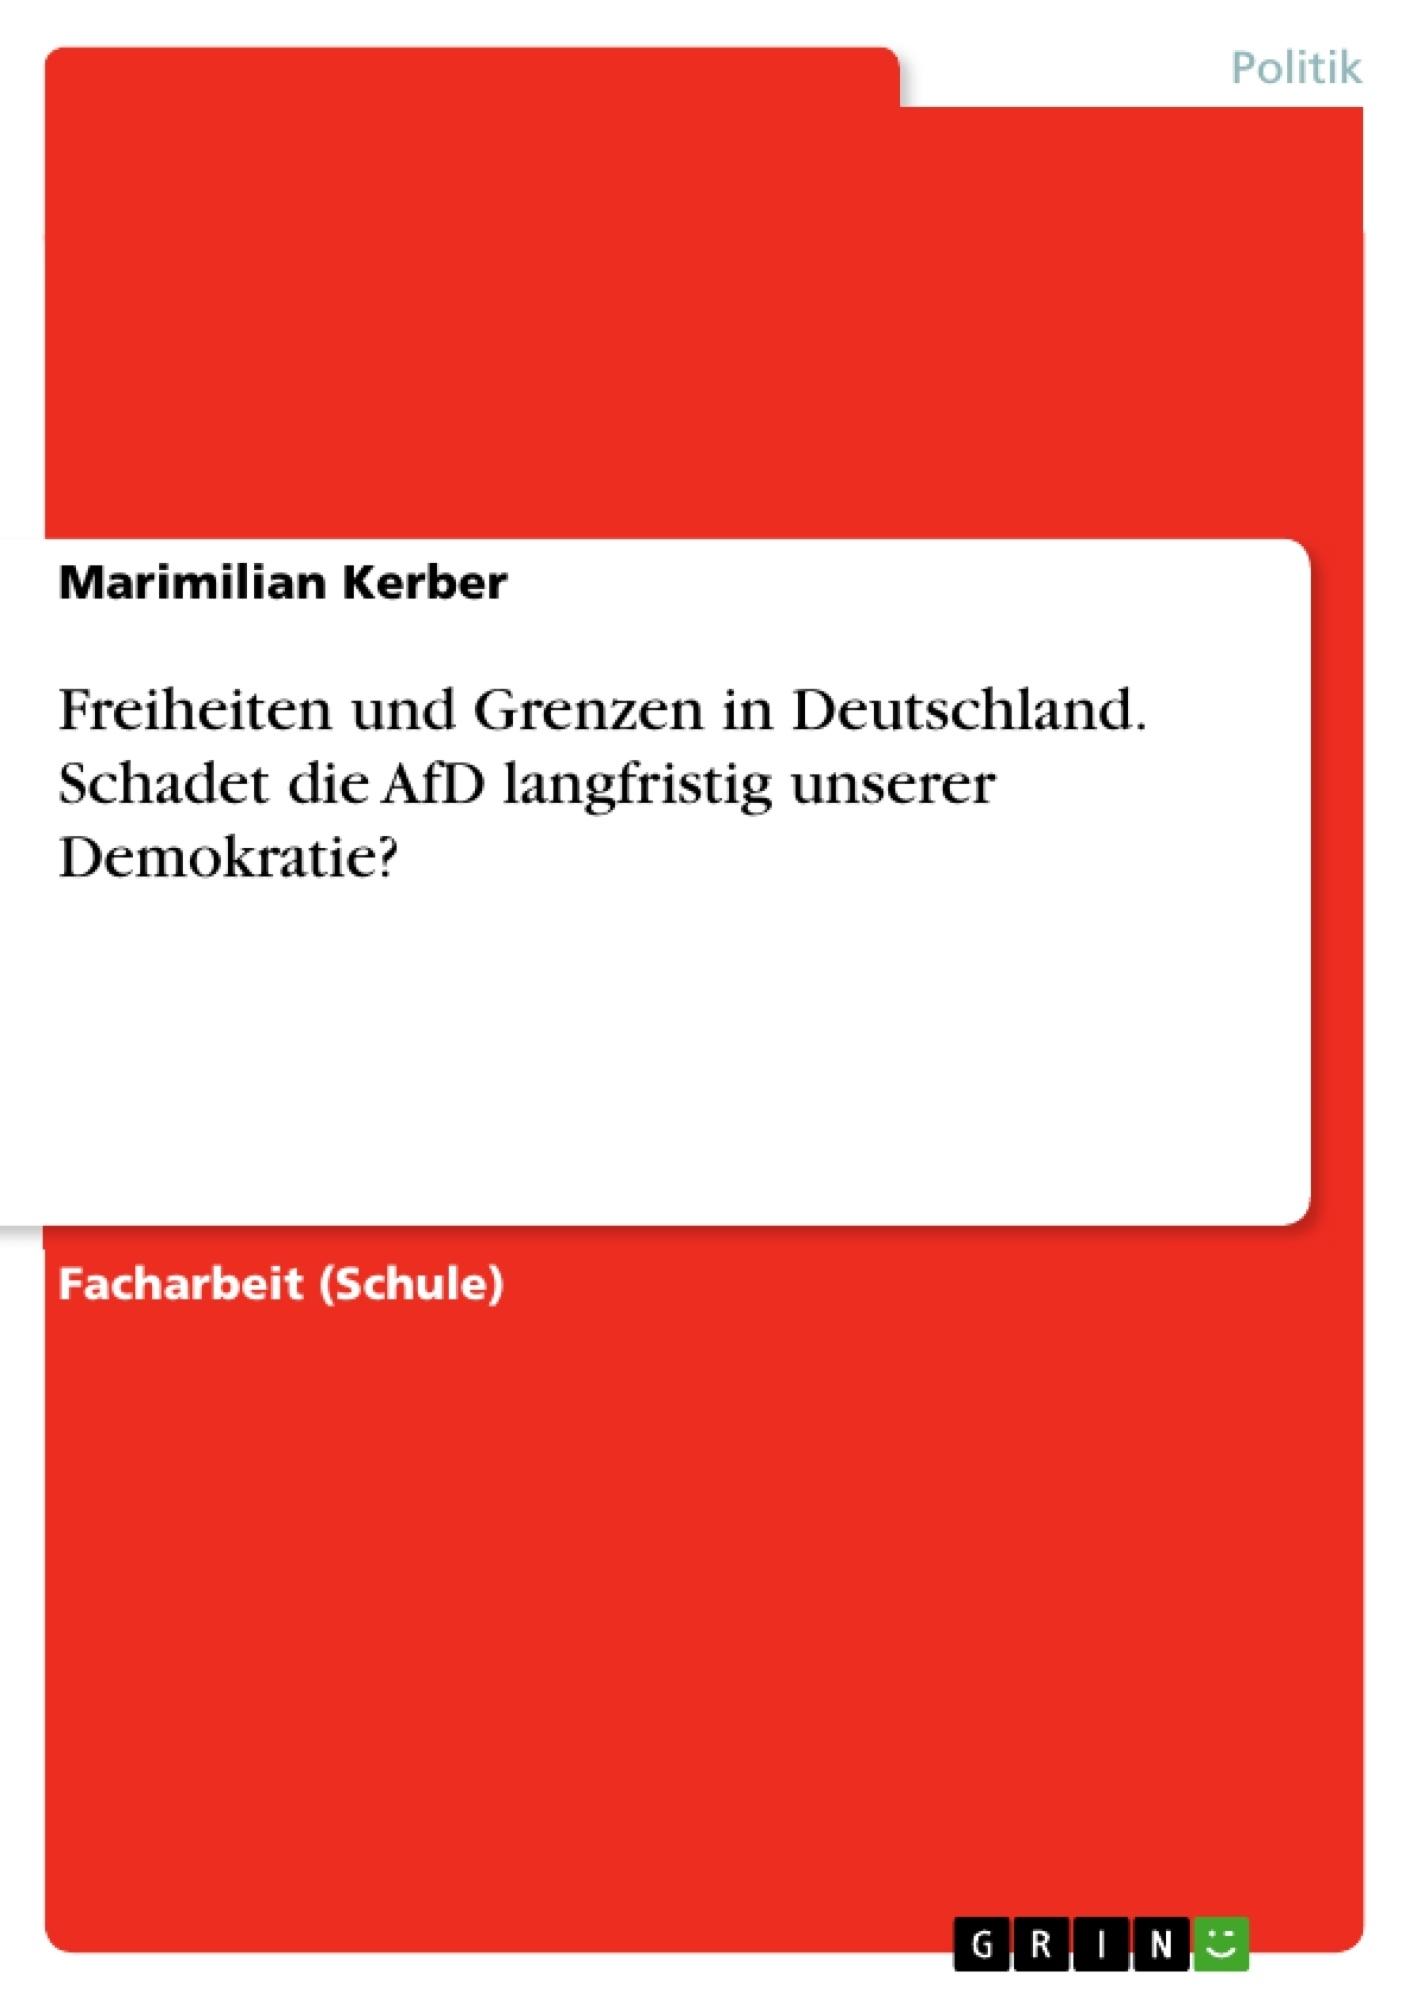 Titel: Freiheiten und Grenzen in Deutschland. Schadet die AfD langfristig unserer Demokratie?